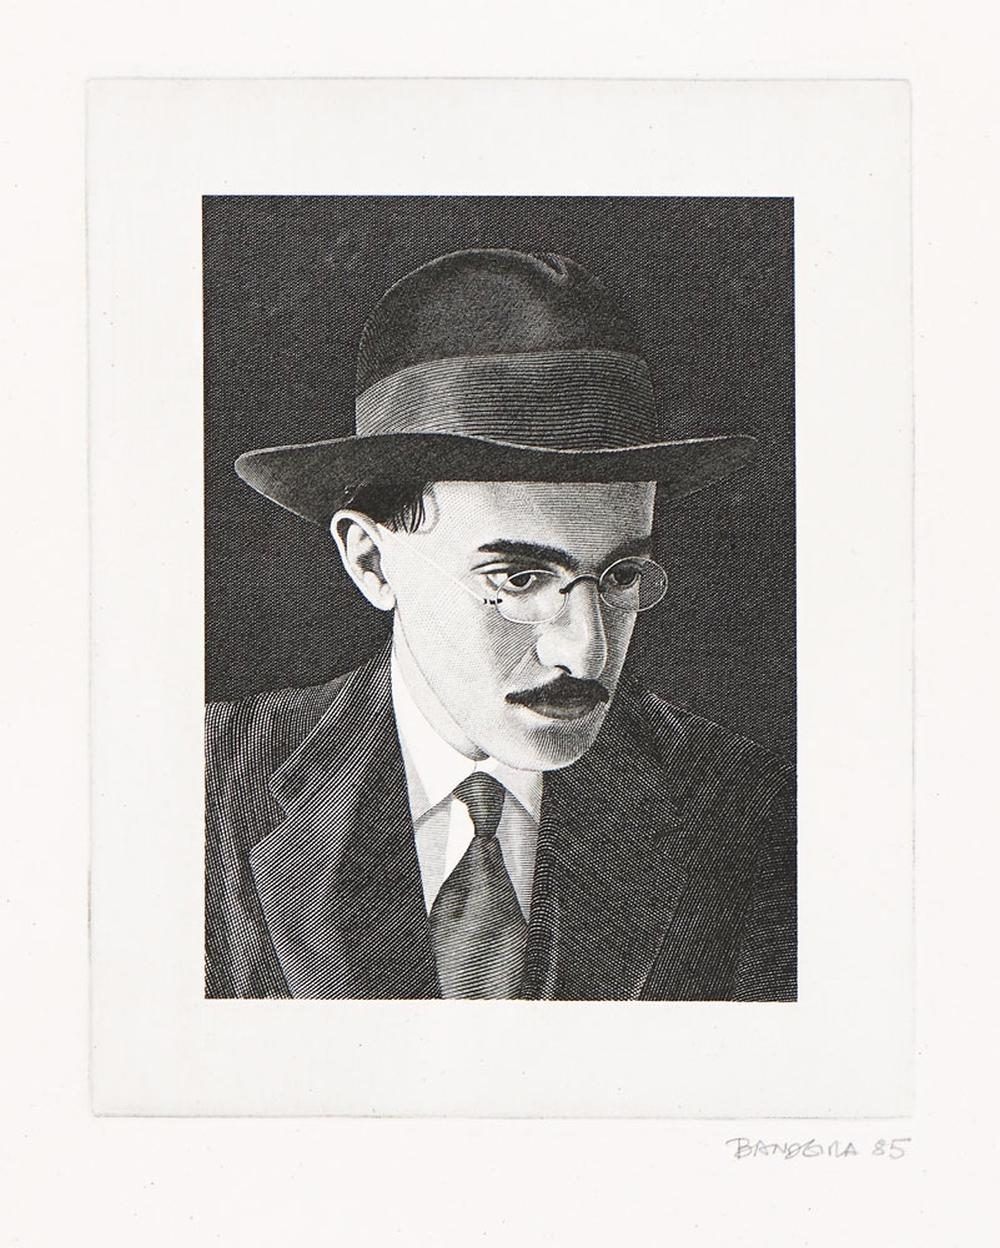 BANDEIRA, Gravura s/ papel, 19,5 x 15,5 cm